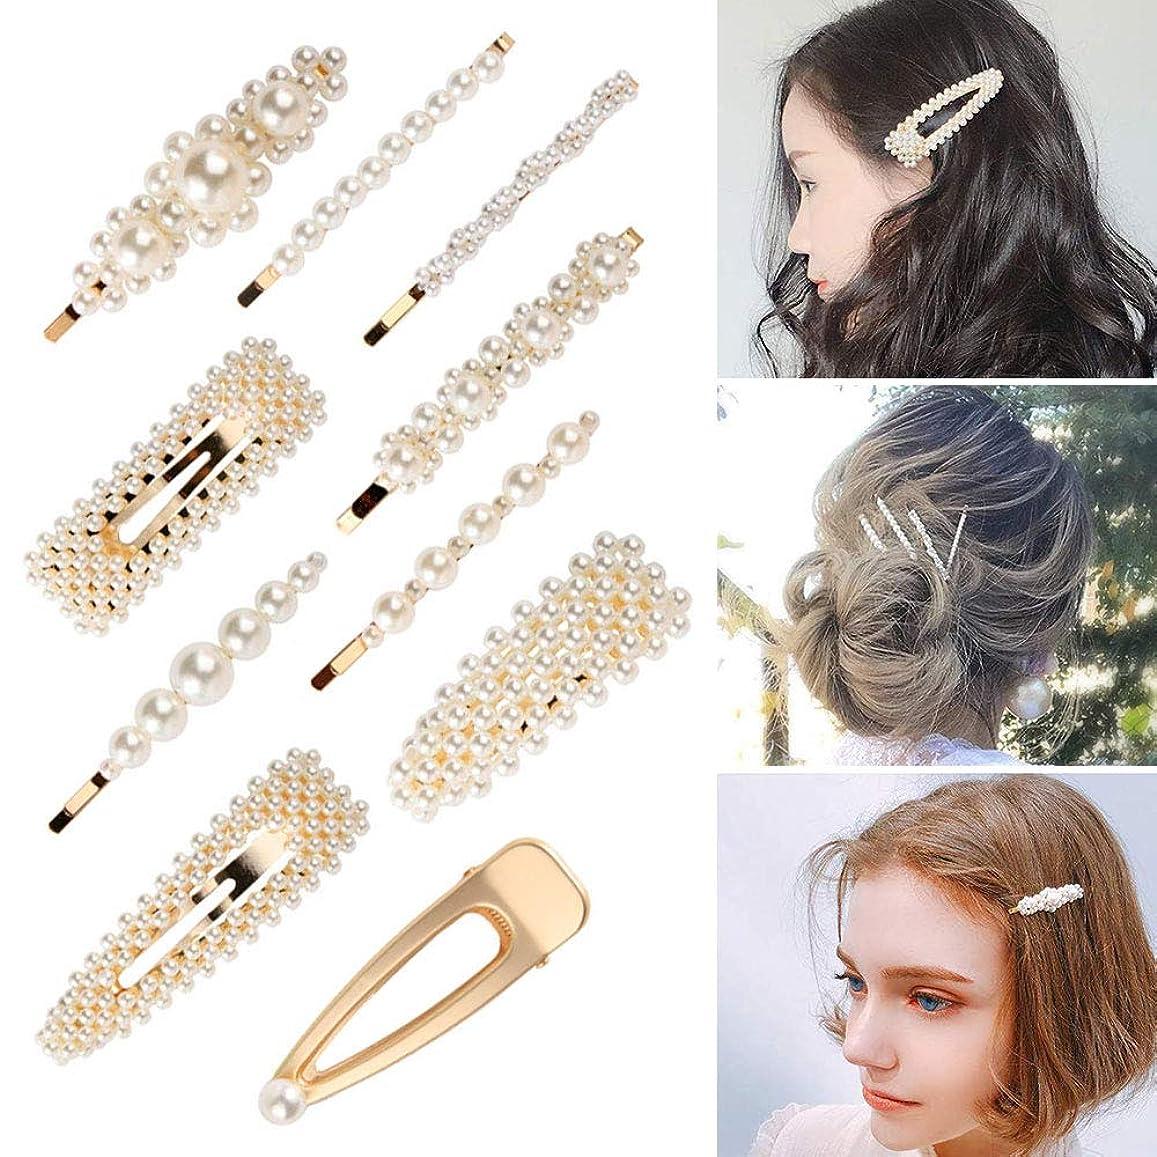 中独特の彫るパール ヘアクリップ ヘアピン ヘアアクセサリー 髪留め 髪飾り 結婚式 卒業式 入学式 パーティ レディース ゴールド 10本セット